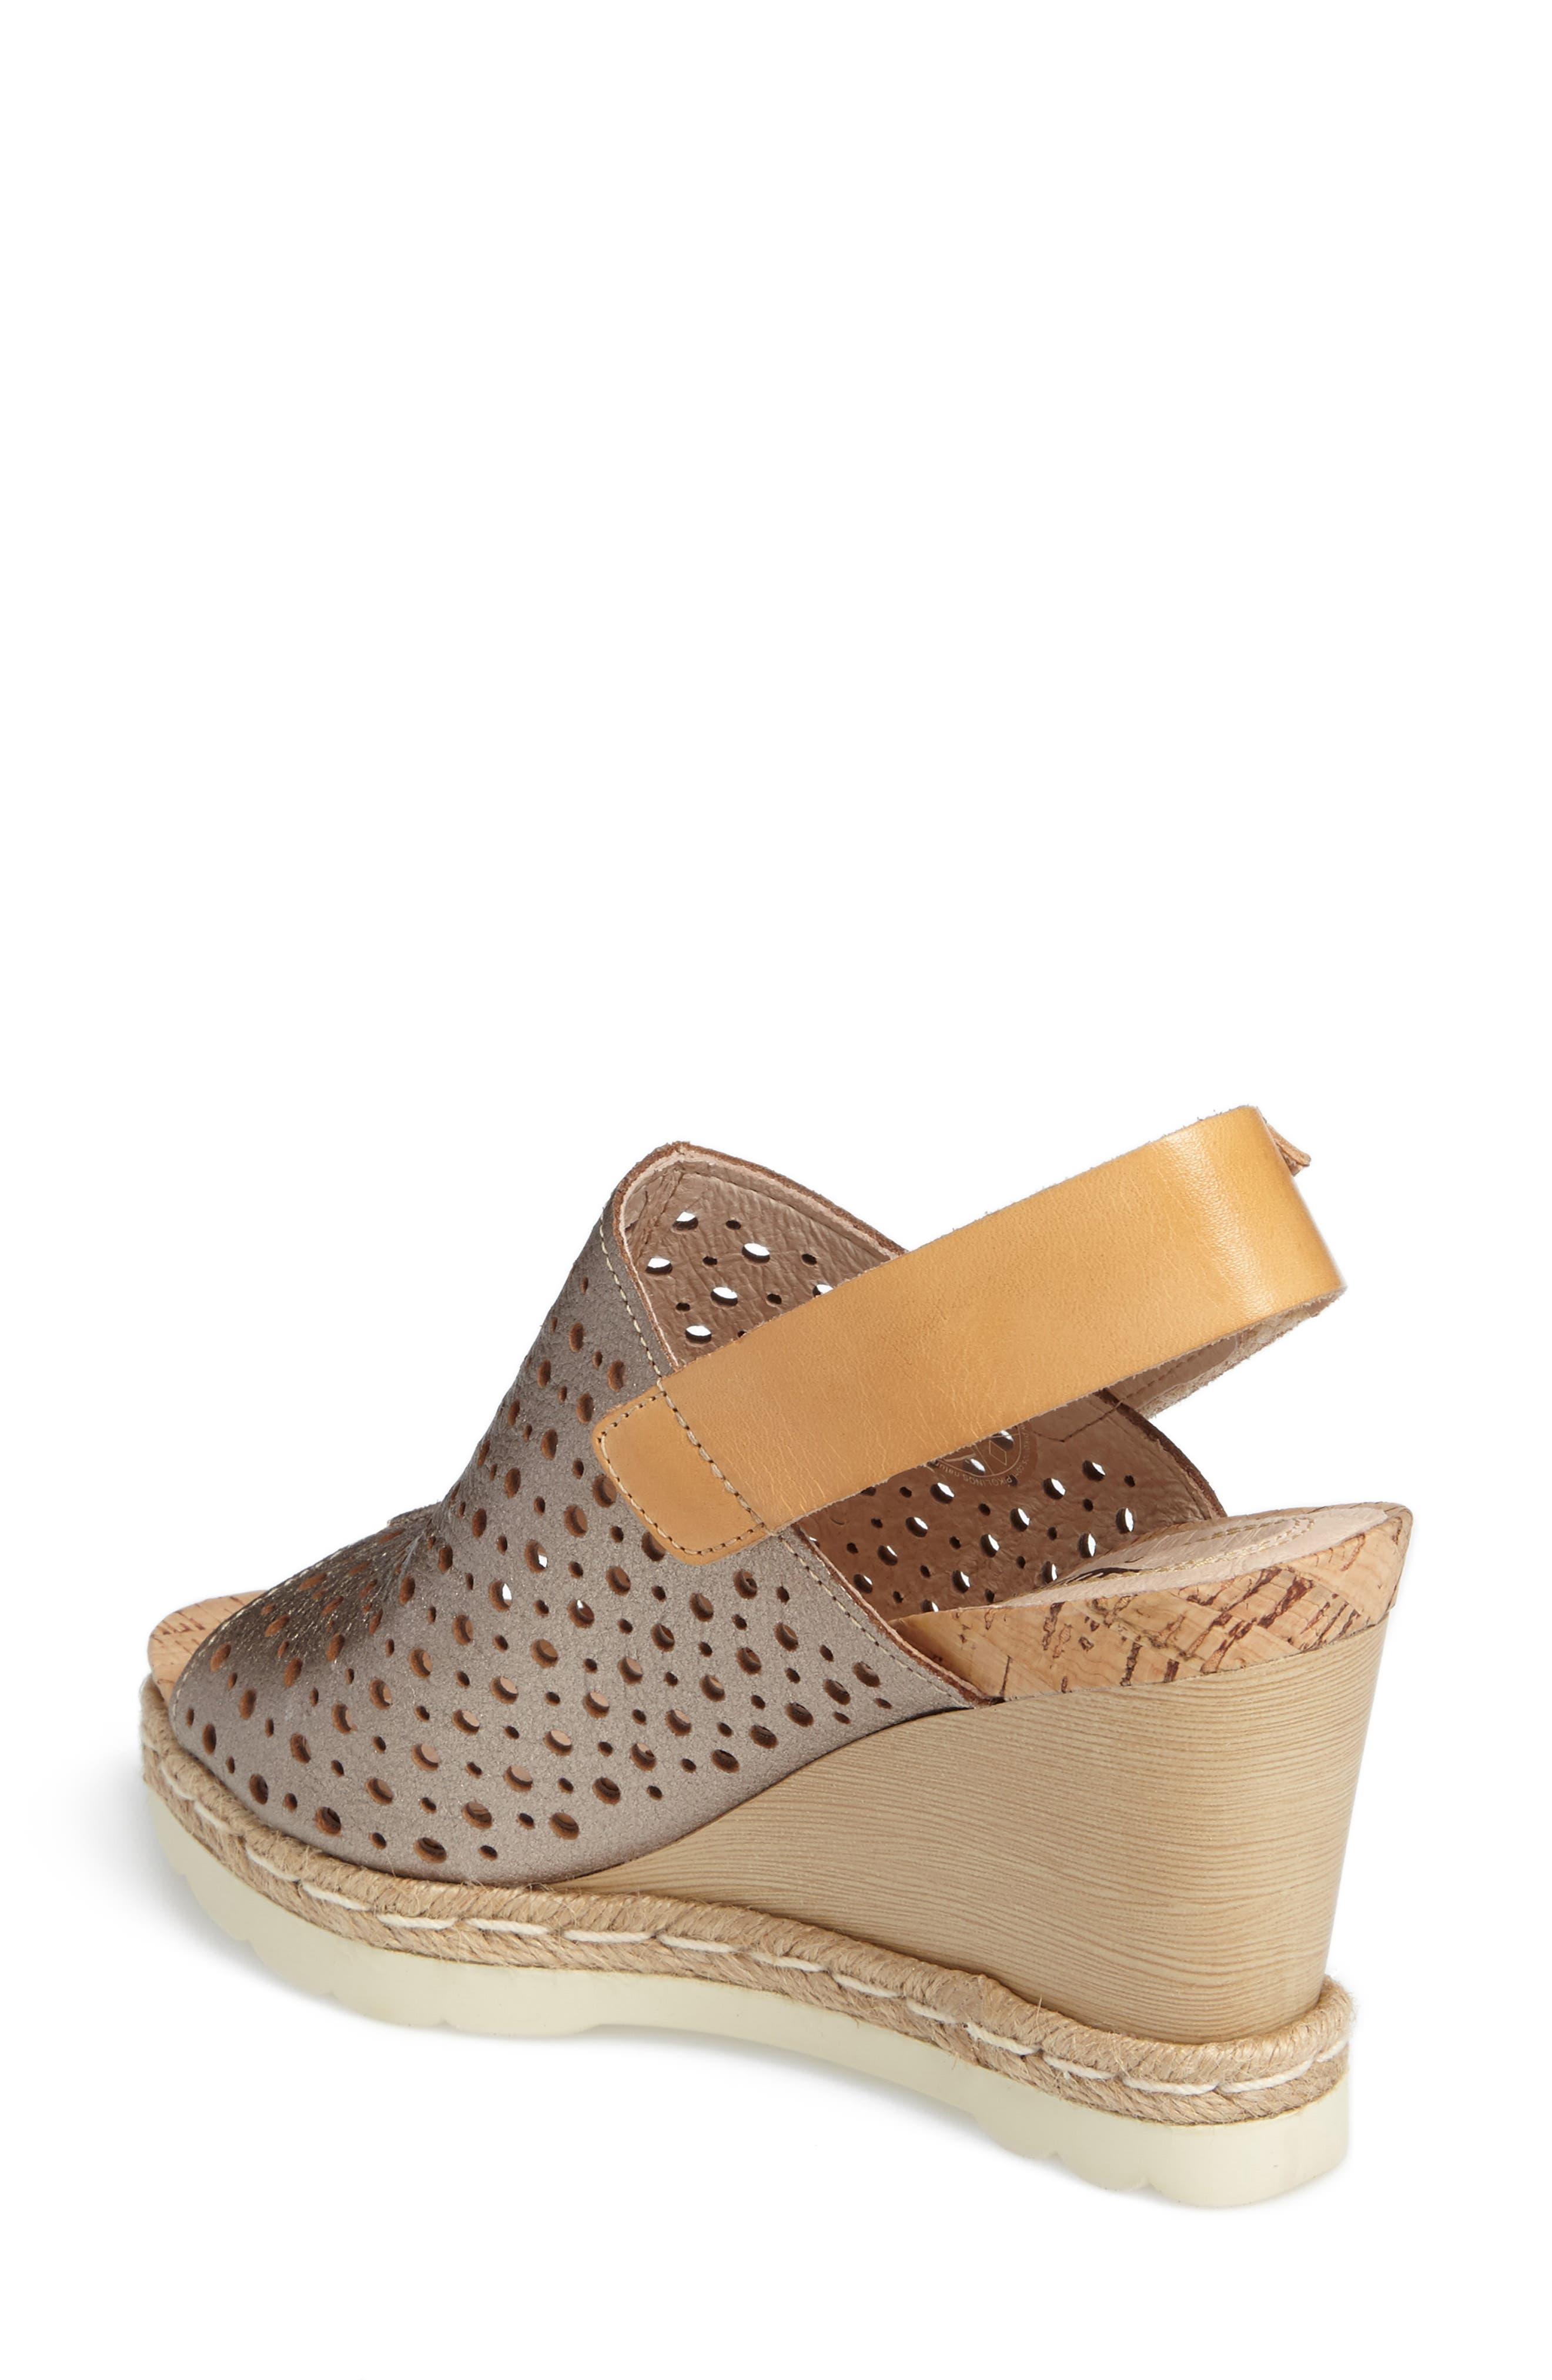 Alternate Image 2  - PIKOLINOS Bali Wedge Sandal (Women)